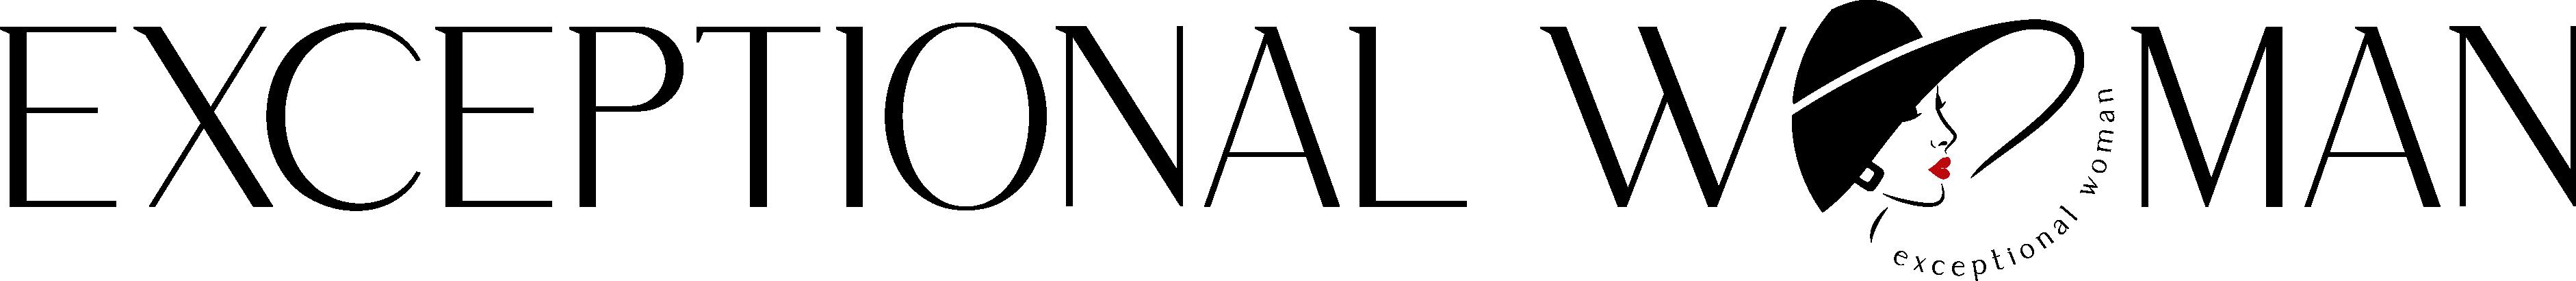 Overwork a logo